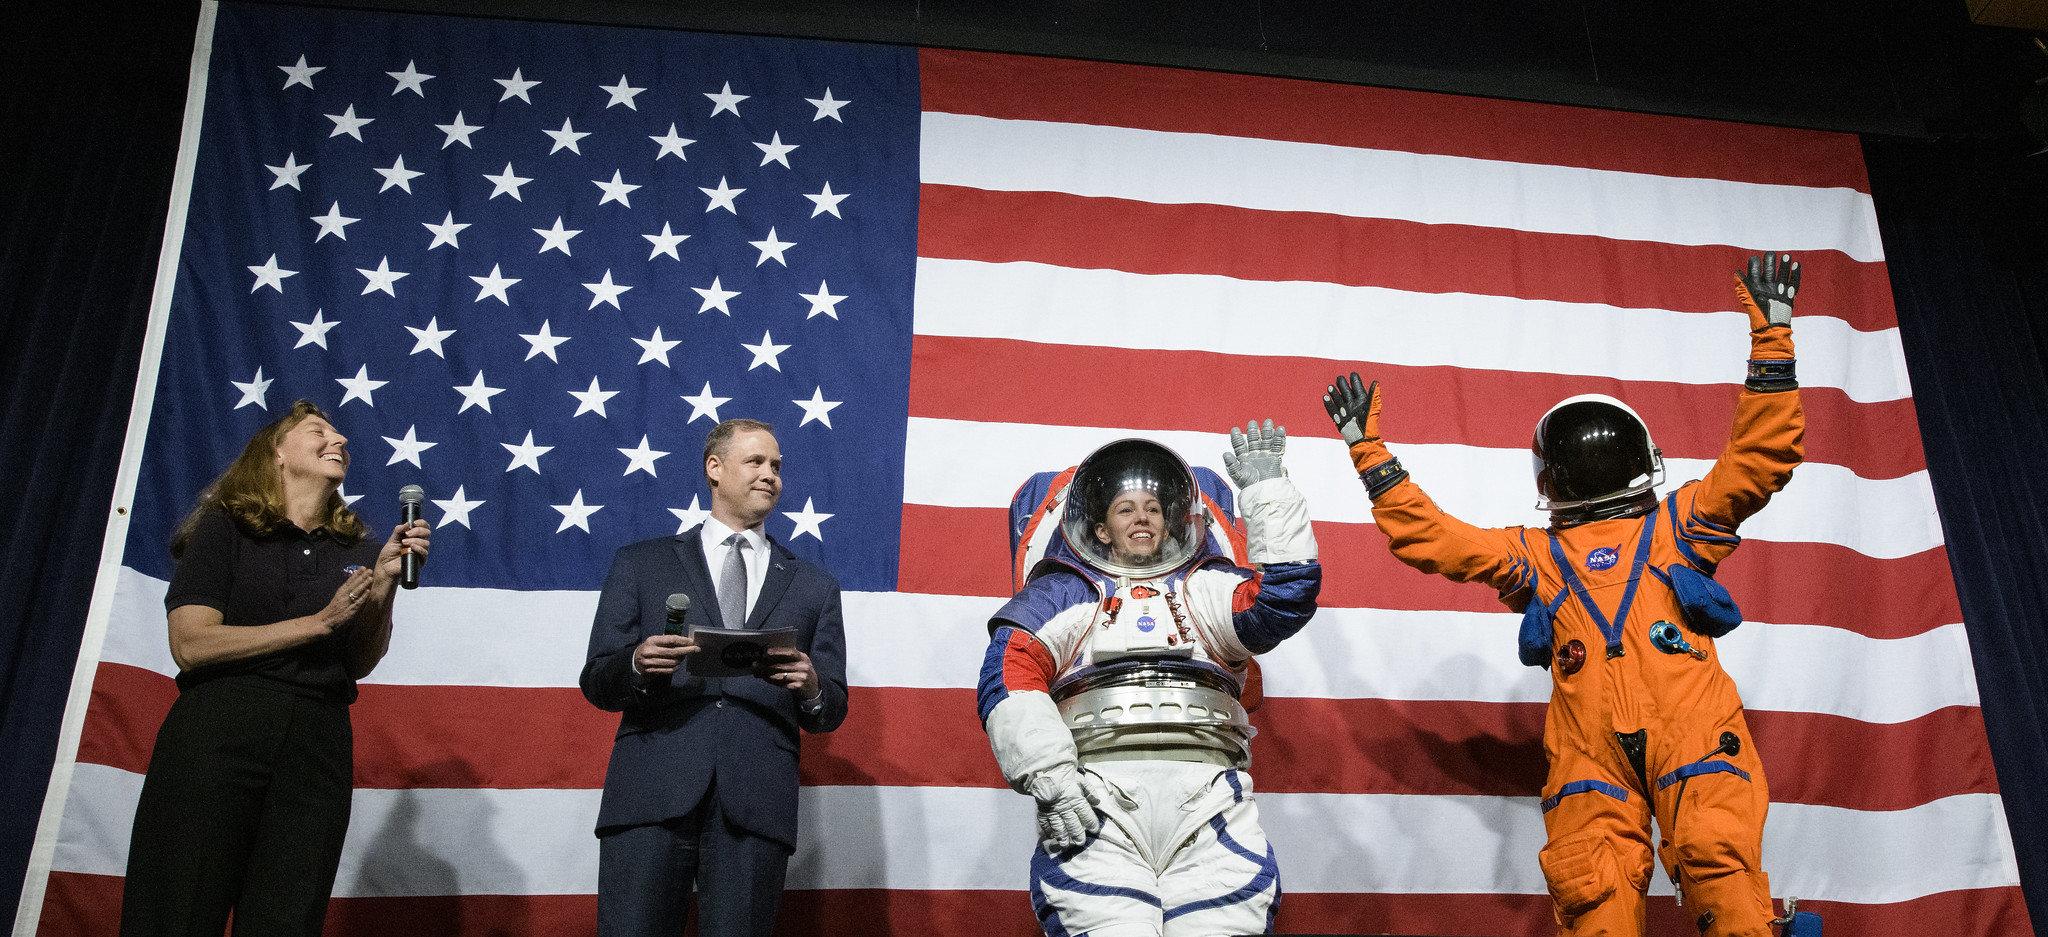 Em outubro de 2019, a nasa apresentou as melhorias nos trajes espaciais que serão utilizados no programa artemis